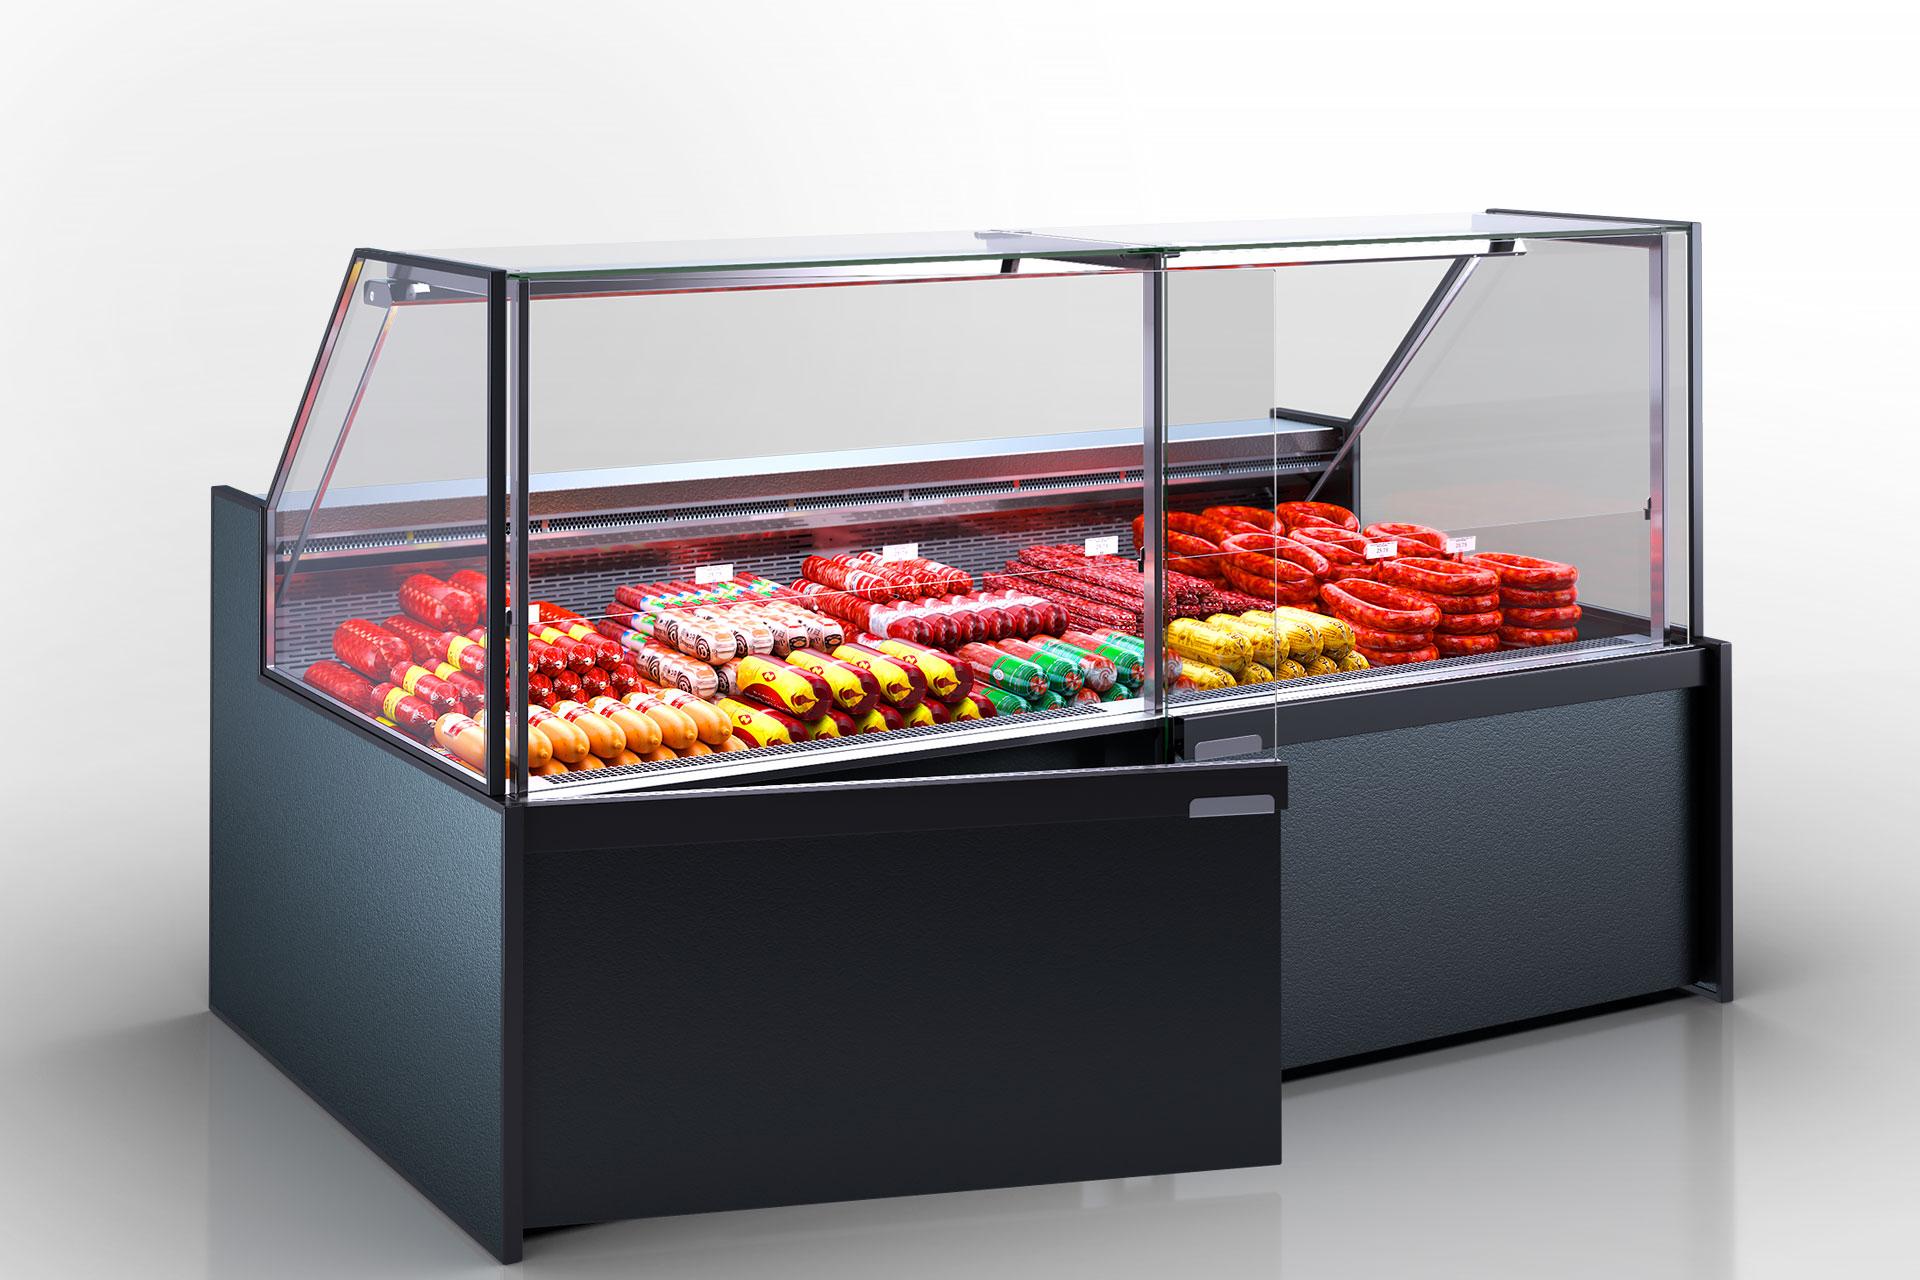 Холодильна вітрина Missouri MC 120 deli RS 130-DBM